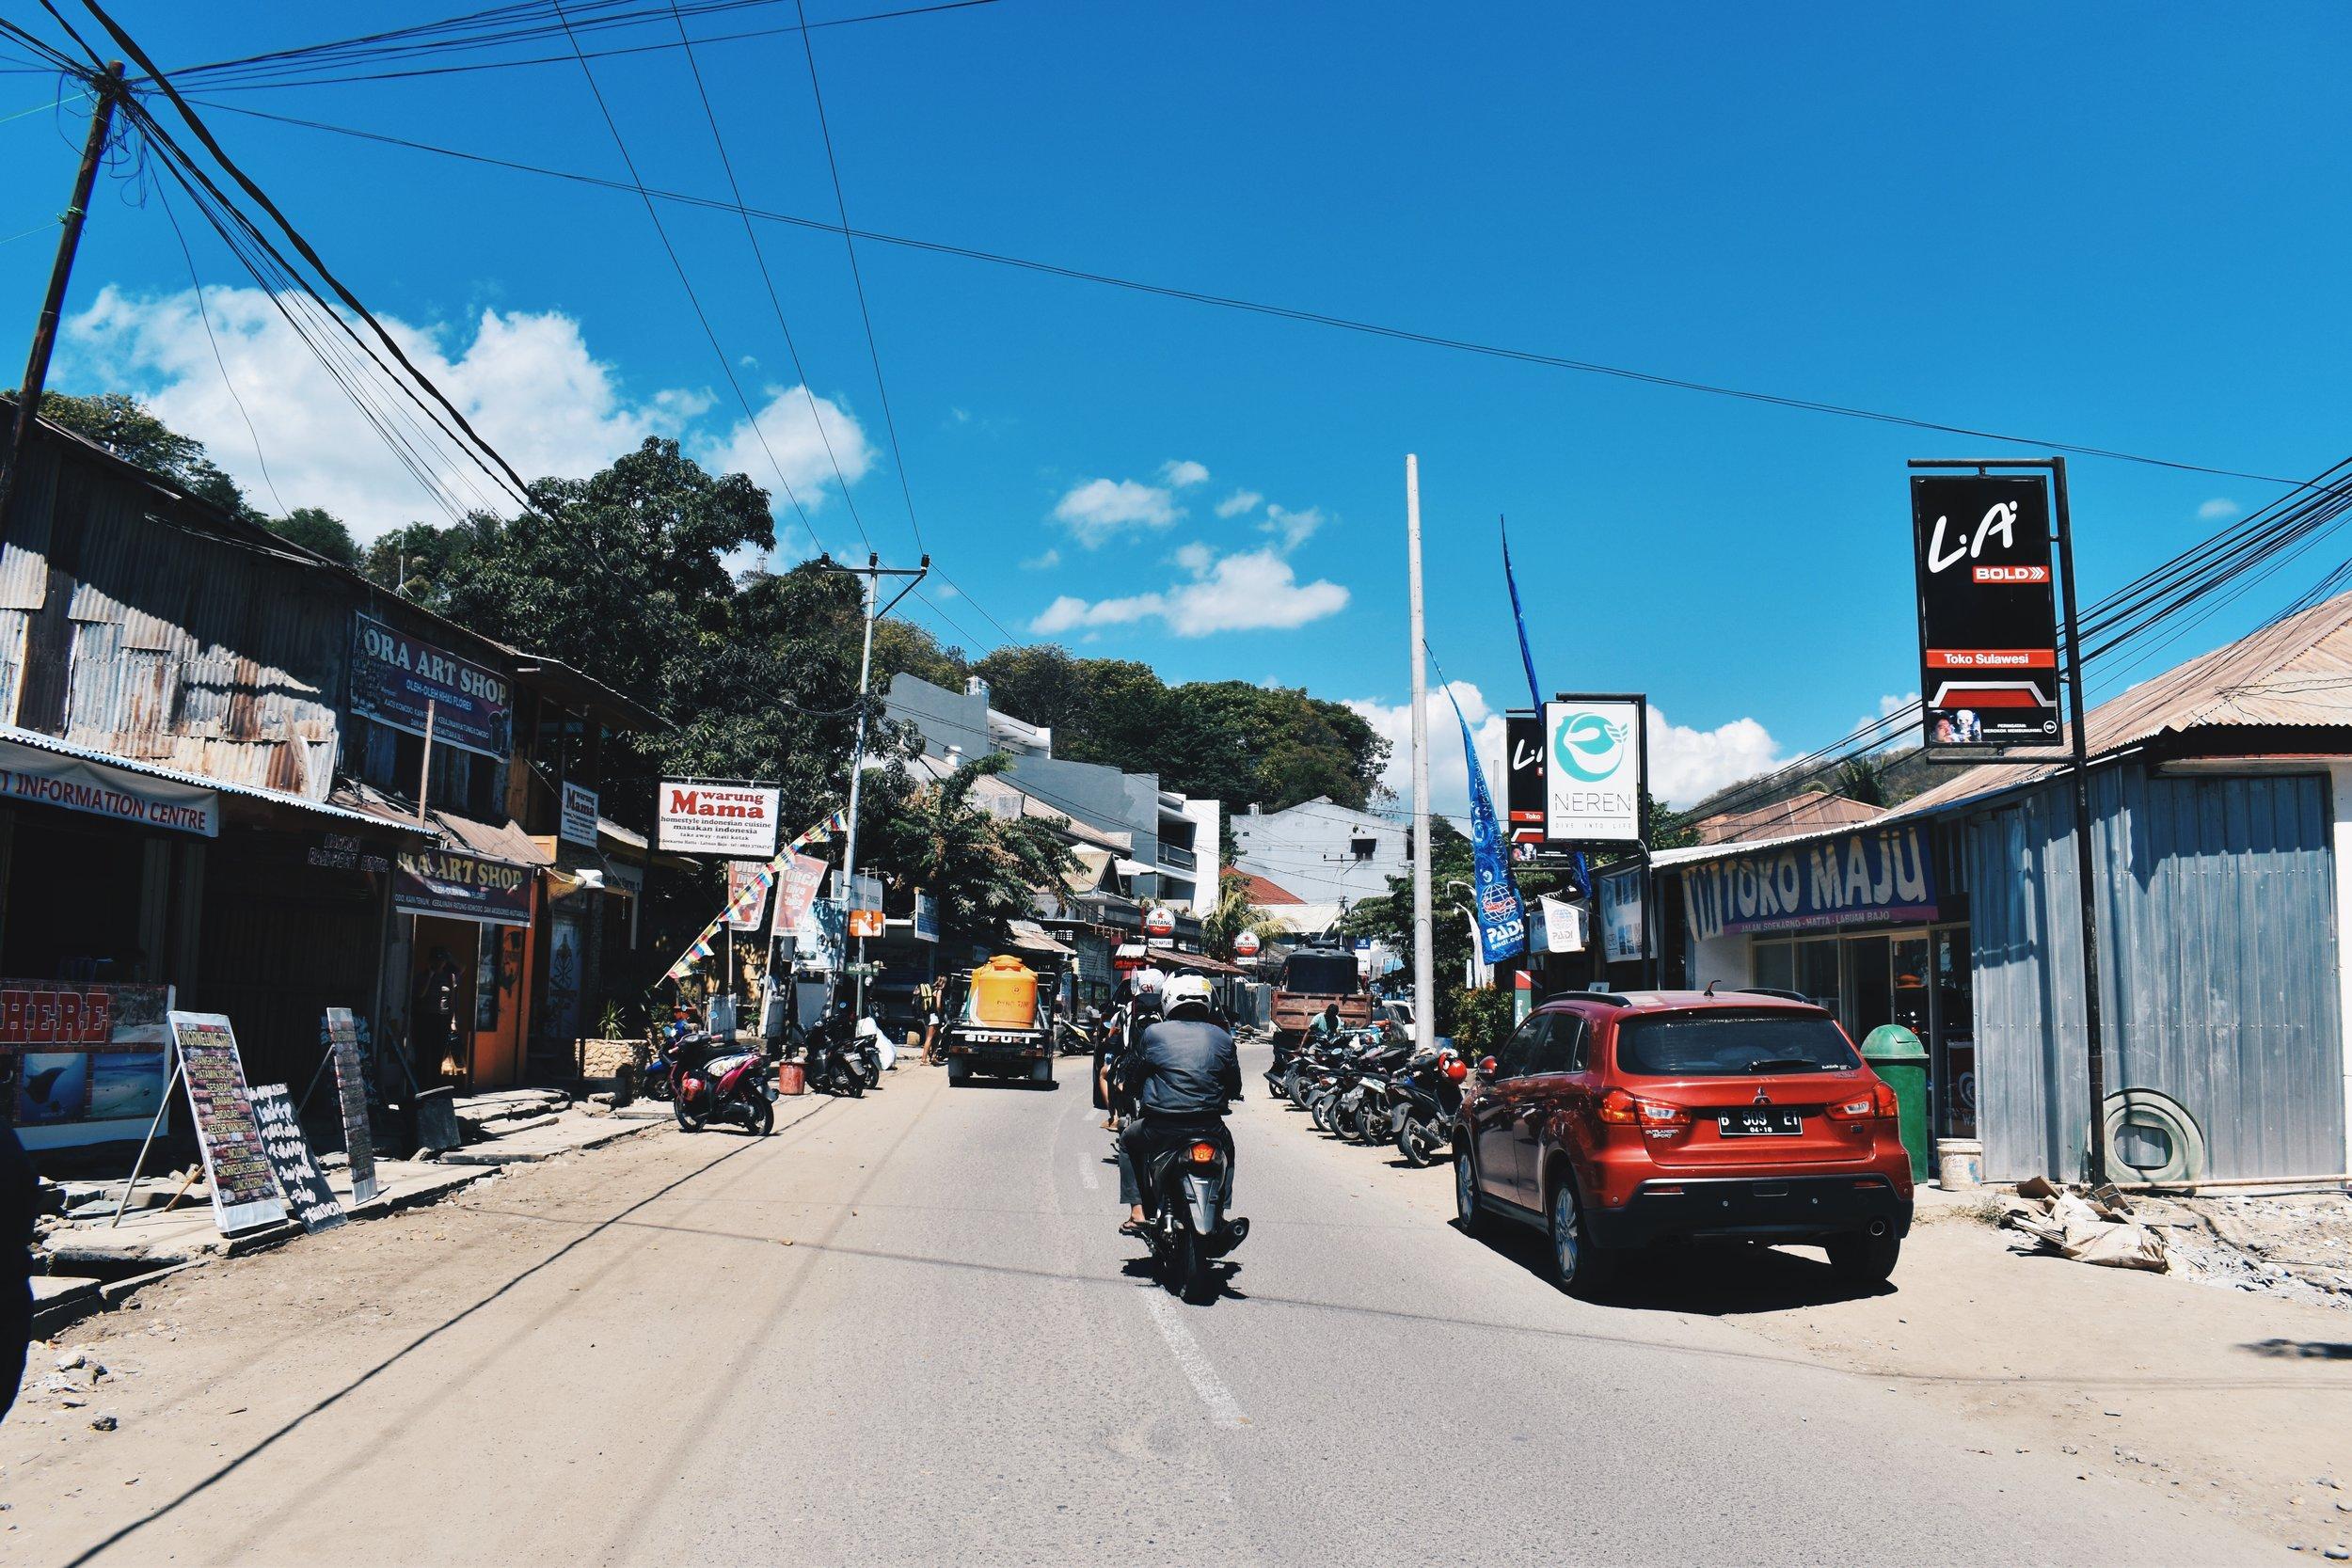 The dusty main road of Labuan Bajo that is Jl. Soekarno Hatta